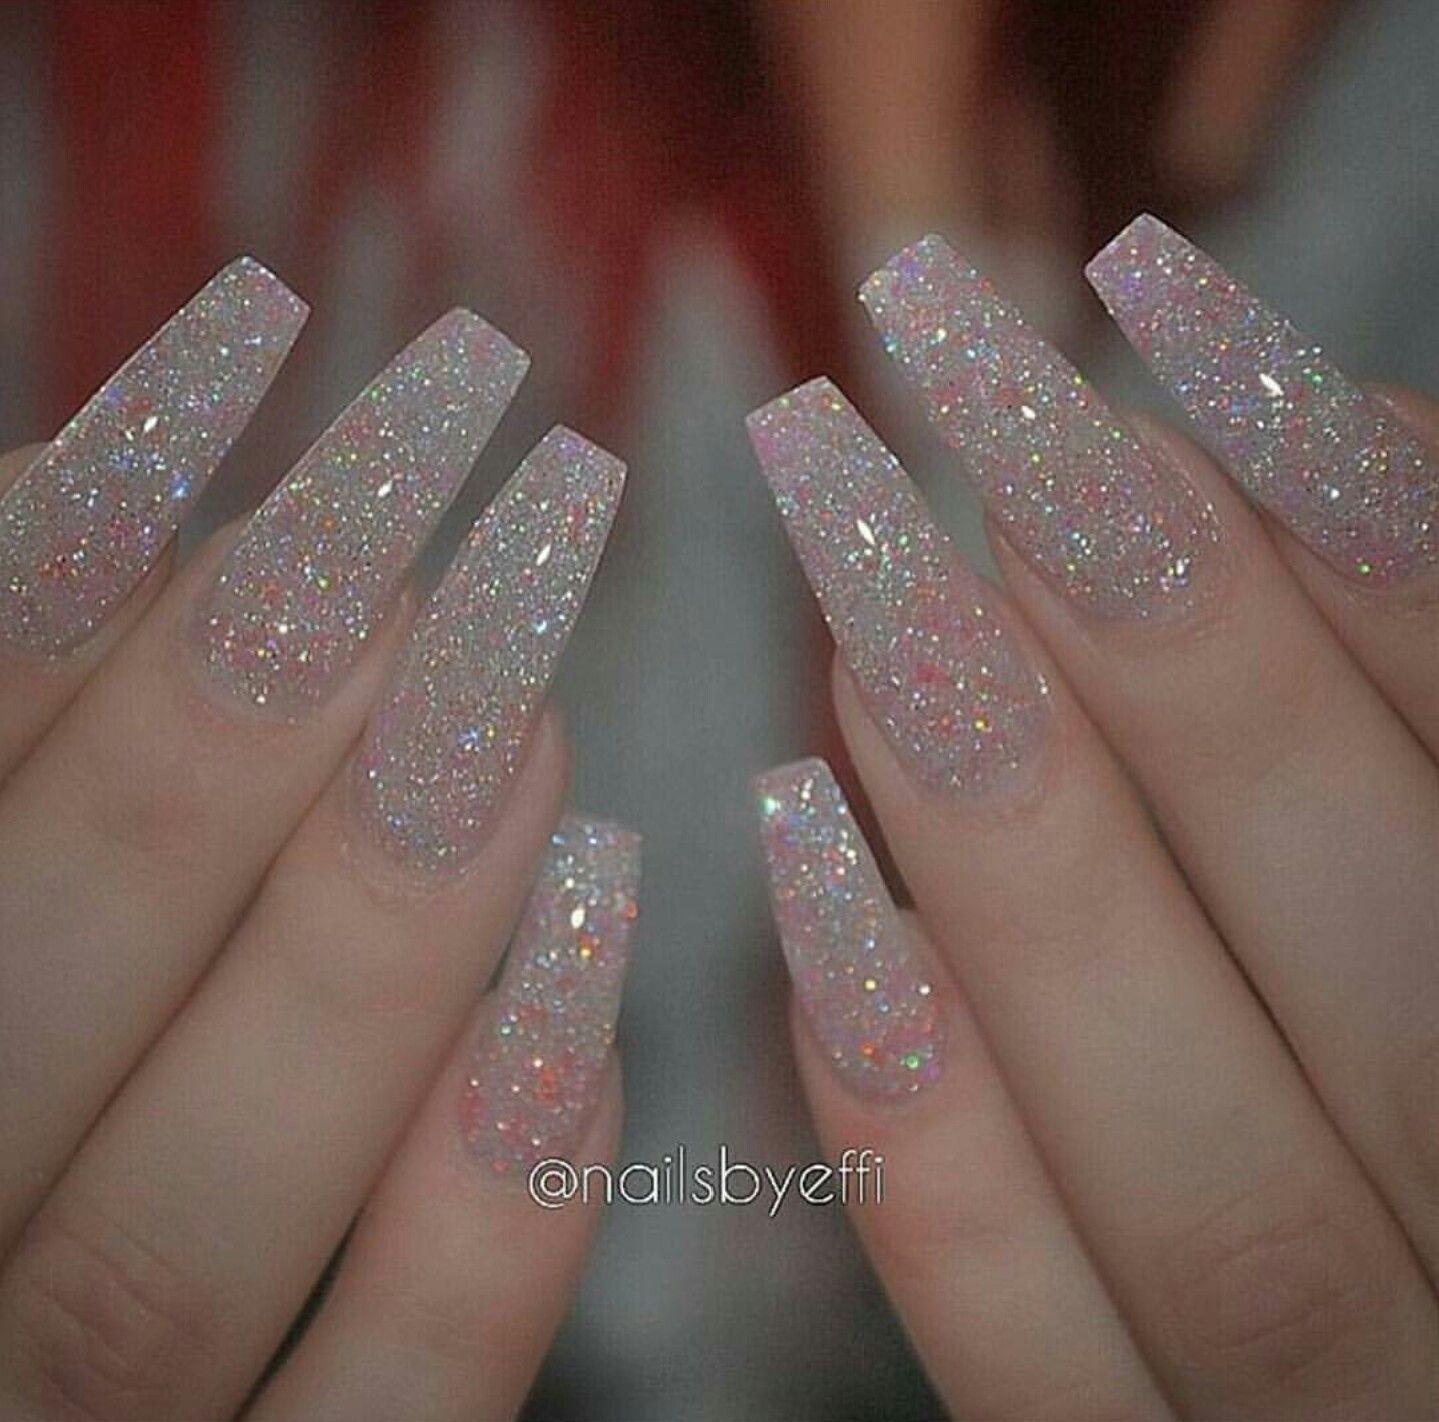 Swarovski Glitter Powder Coffin Nails | Prom nails | Pinterest ...